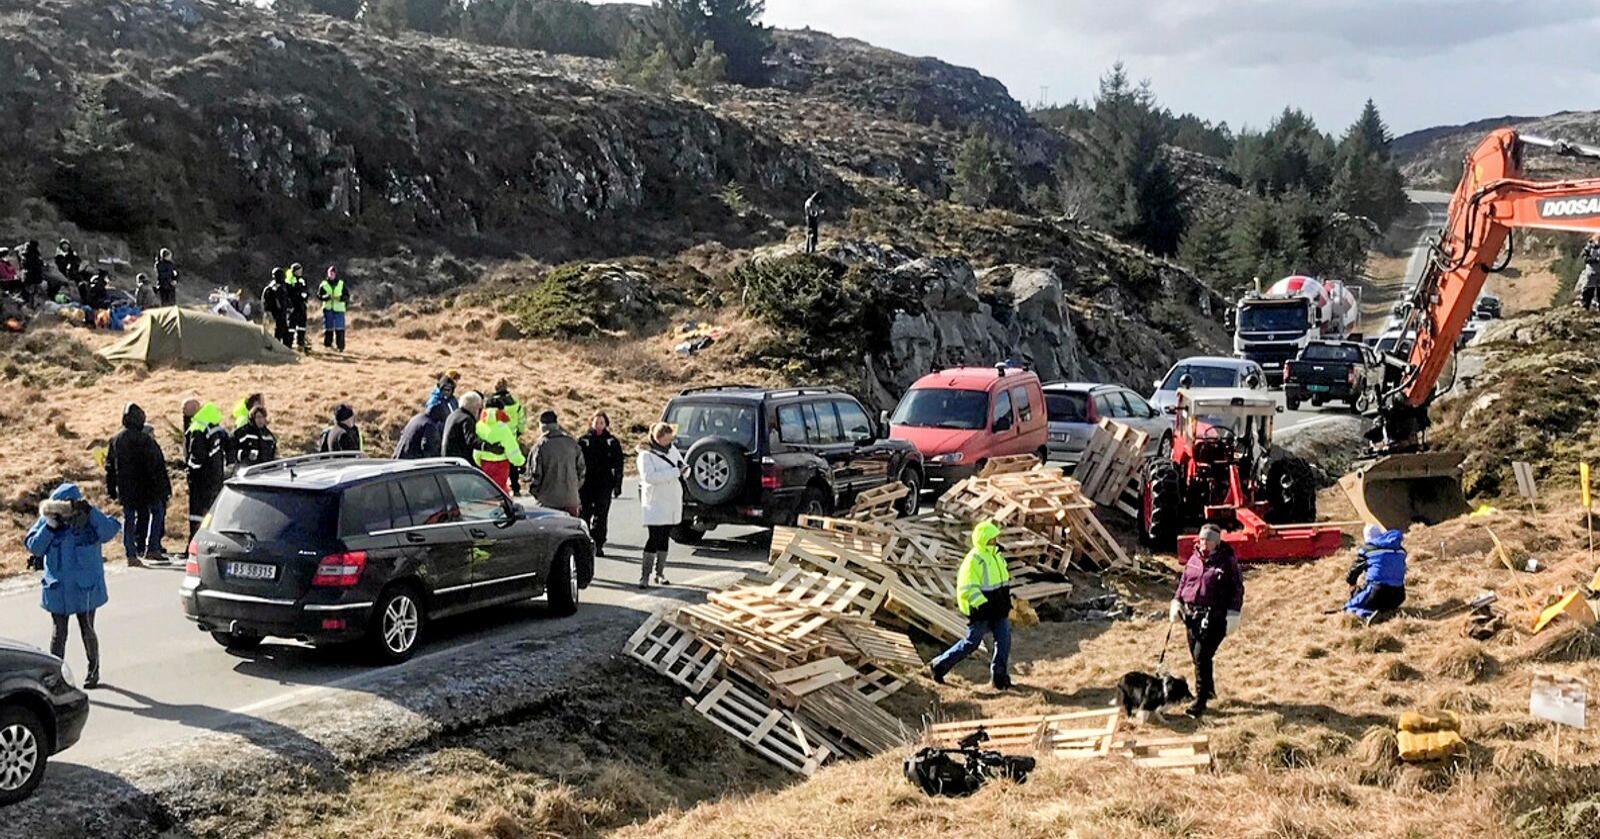 Vindkraftdemonstranter dømt til å betale bot. Her fra demonstrasjon i 2019. Foto: Ronny Teigås / NTB scanpix